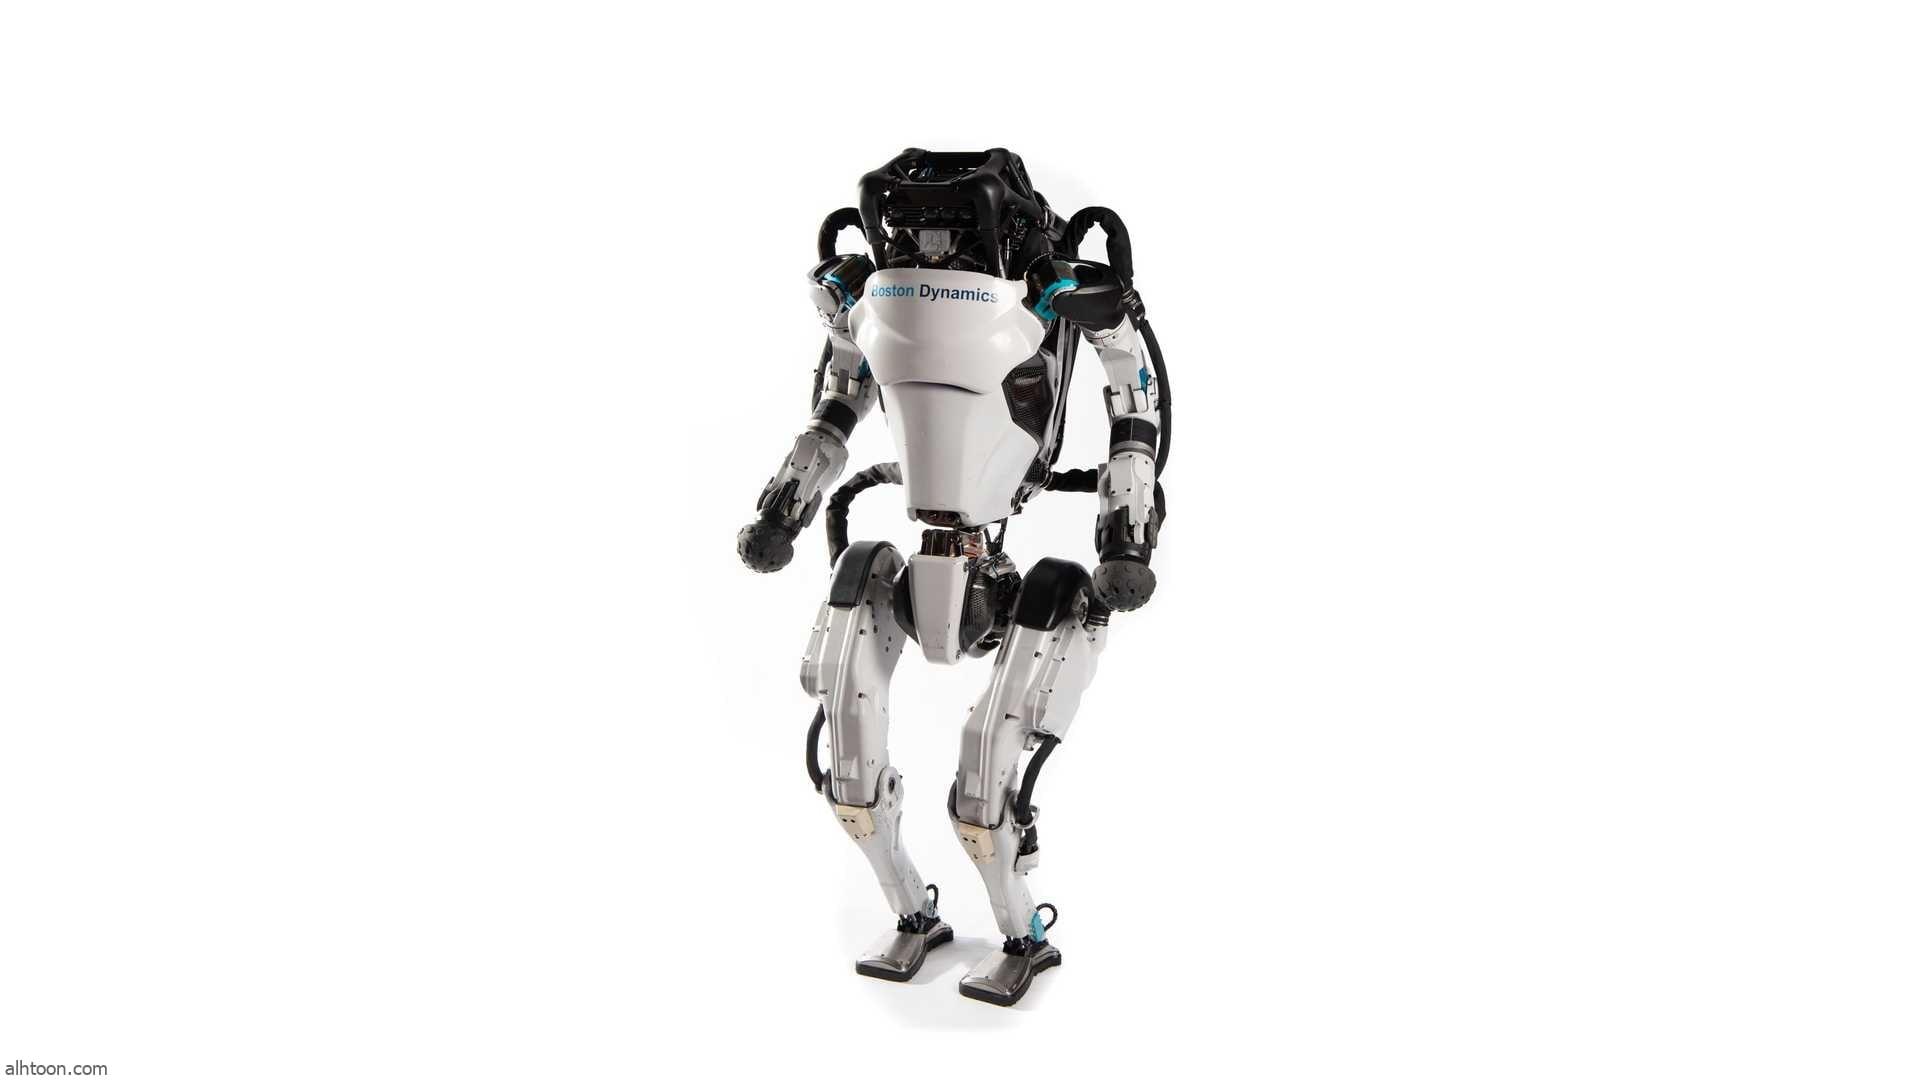 شاهد: روبوتات تقفز وتلعب برشاقة - صحيفة هتون الدولية